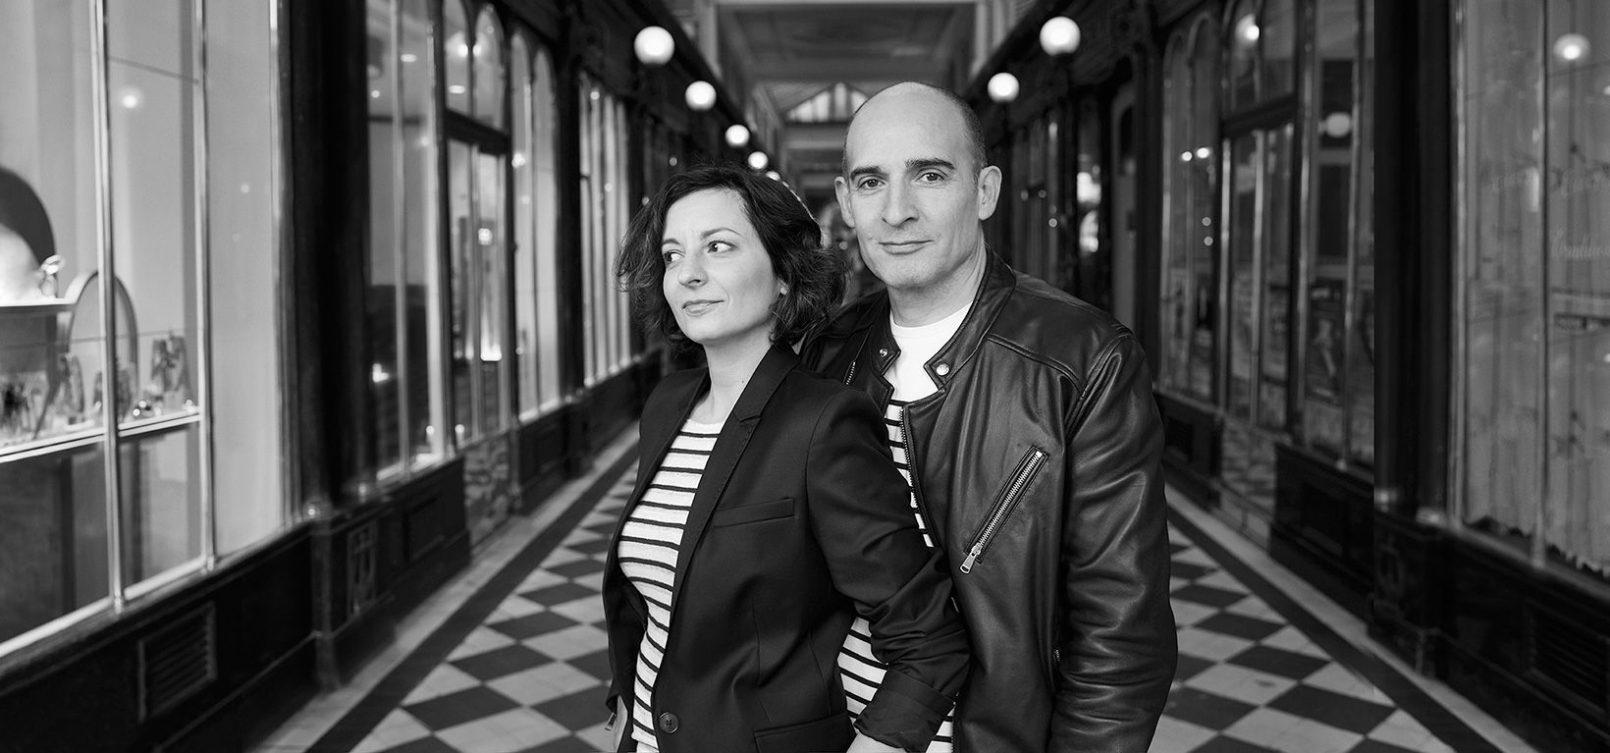 Stéphanie Jardy et Olivier Jardy de l'agence communication Jardy&Jardy